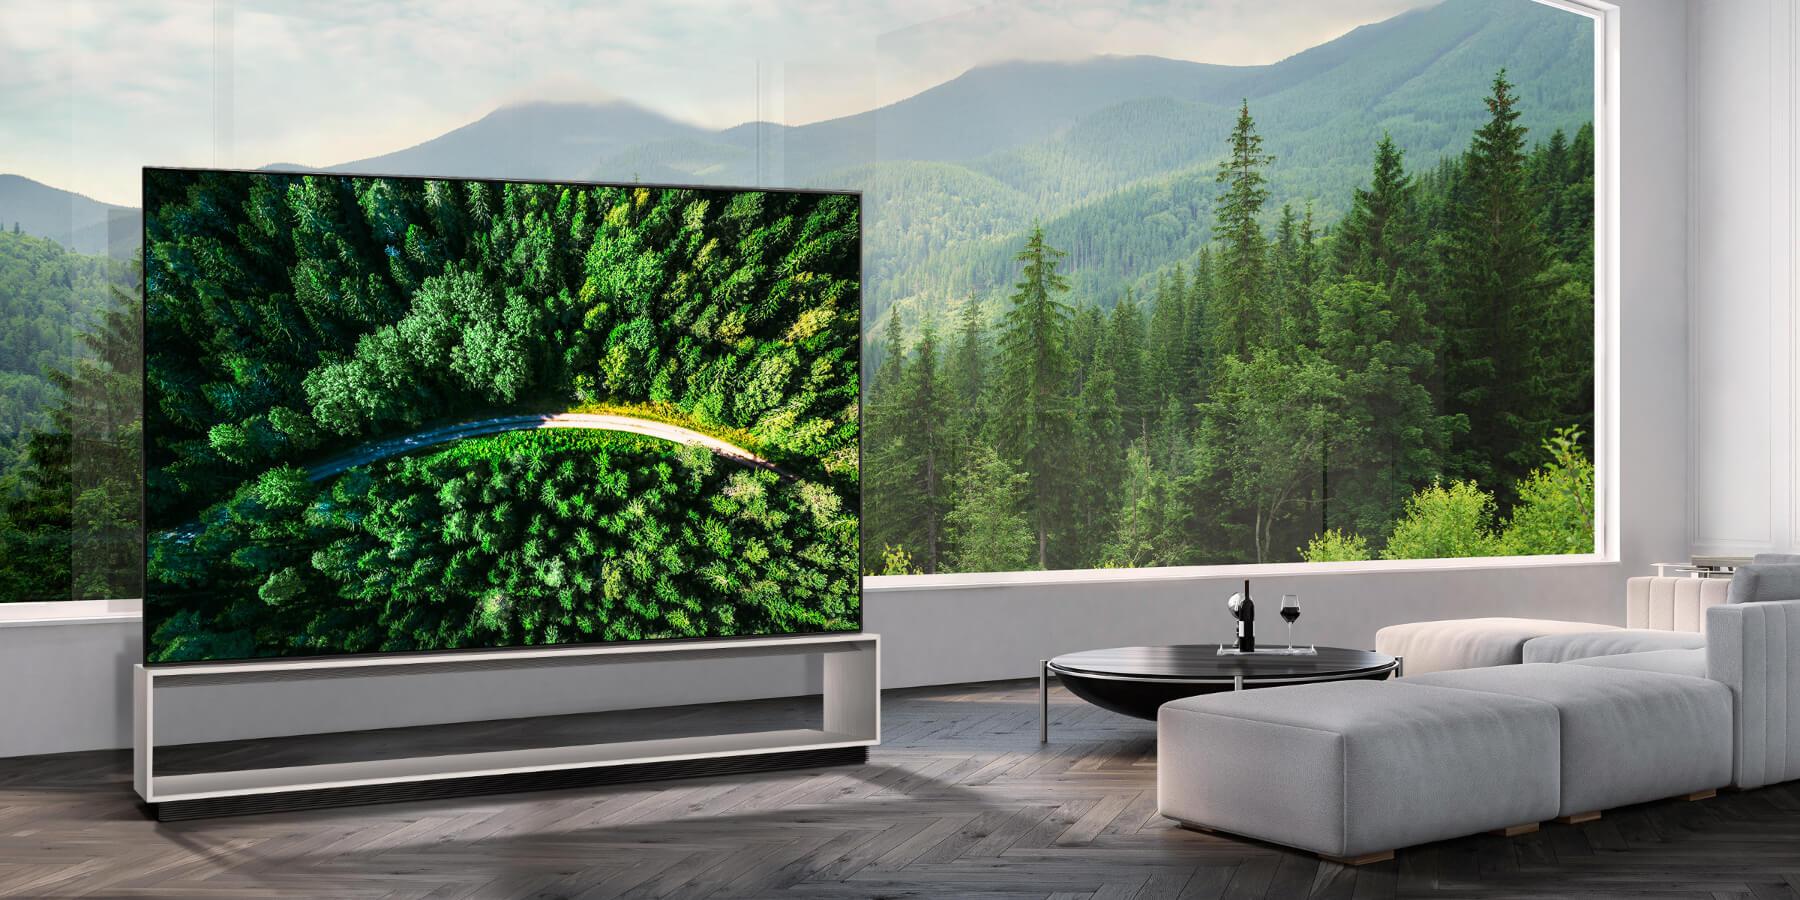 LG 8K OLED TV 001